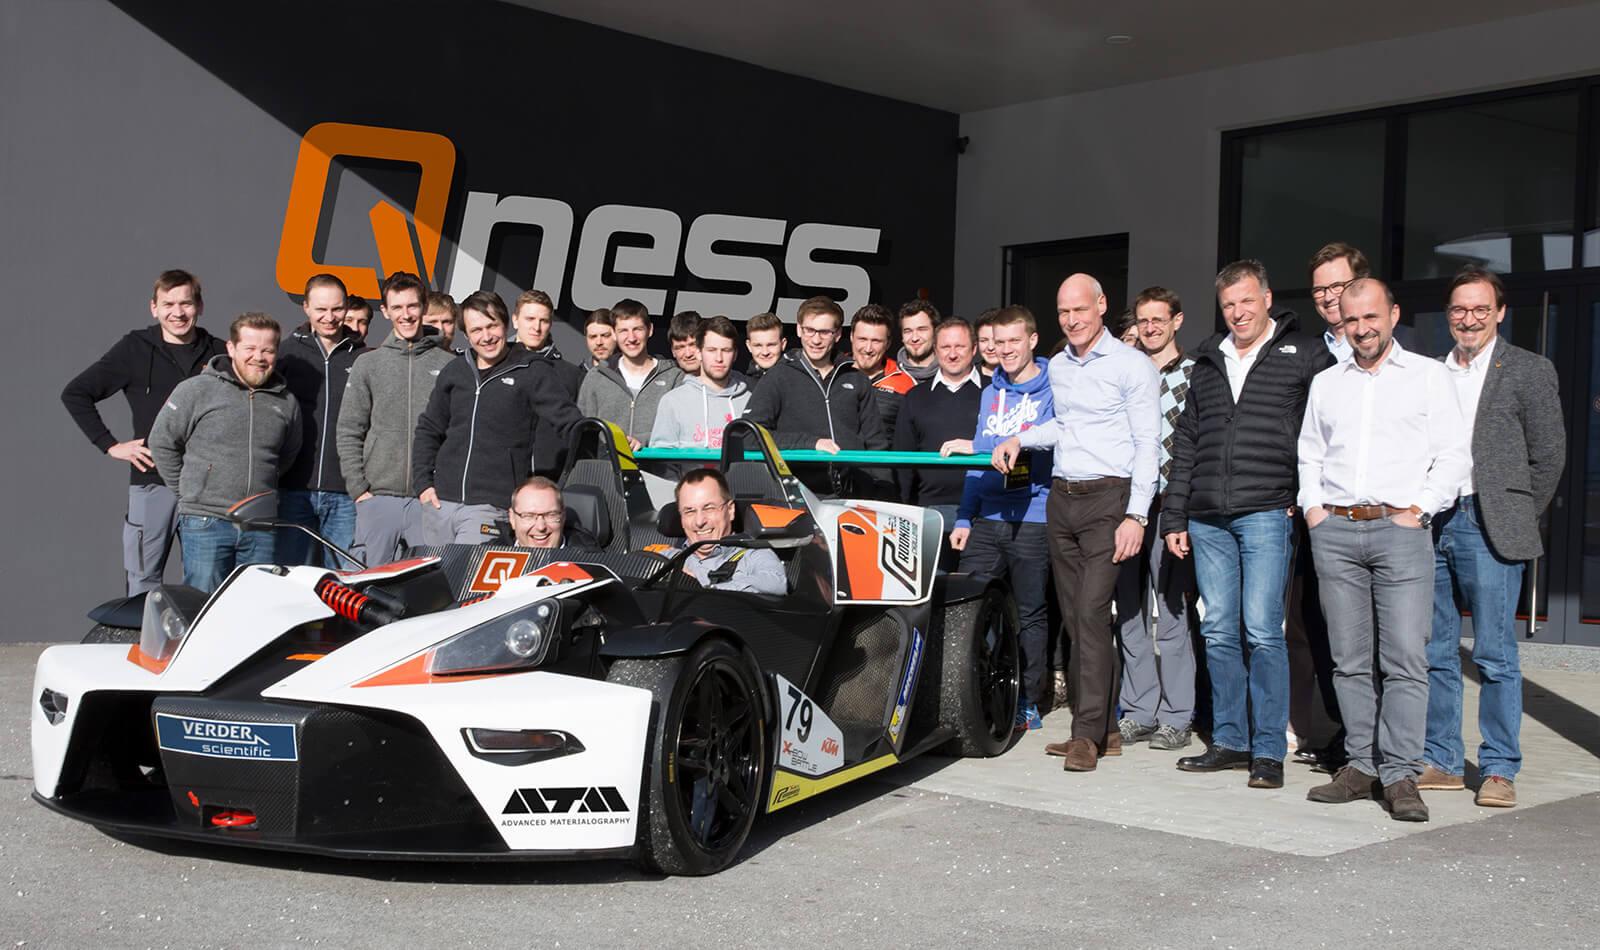 Od 1.4.2018  Metalco Testing zastupuje firmu QNESS  pro český a slovenský trh